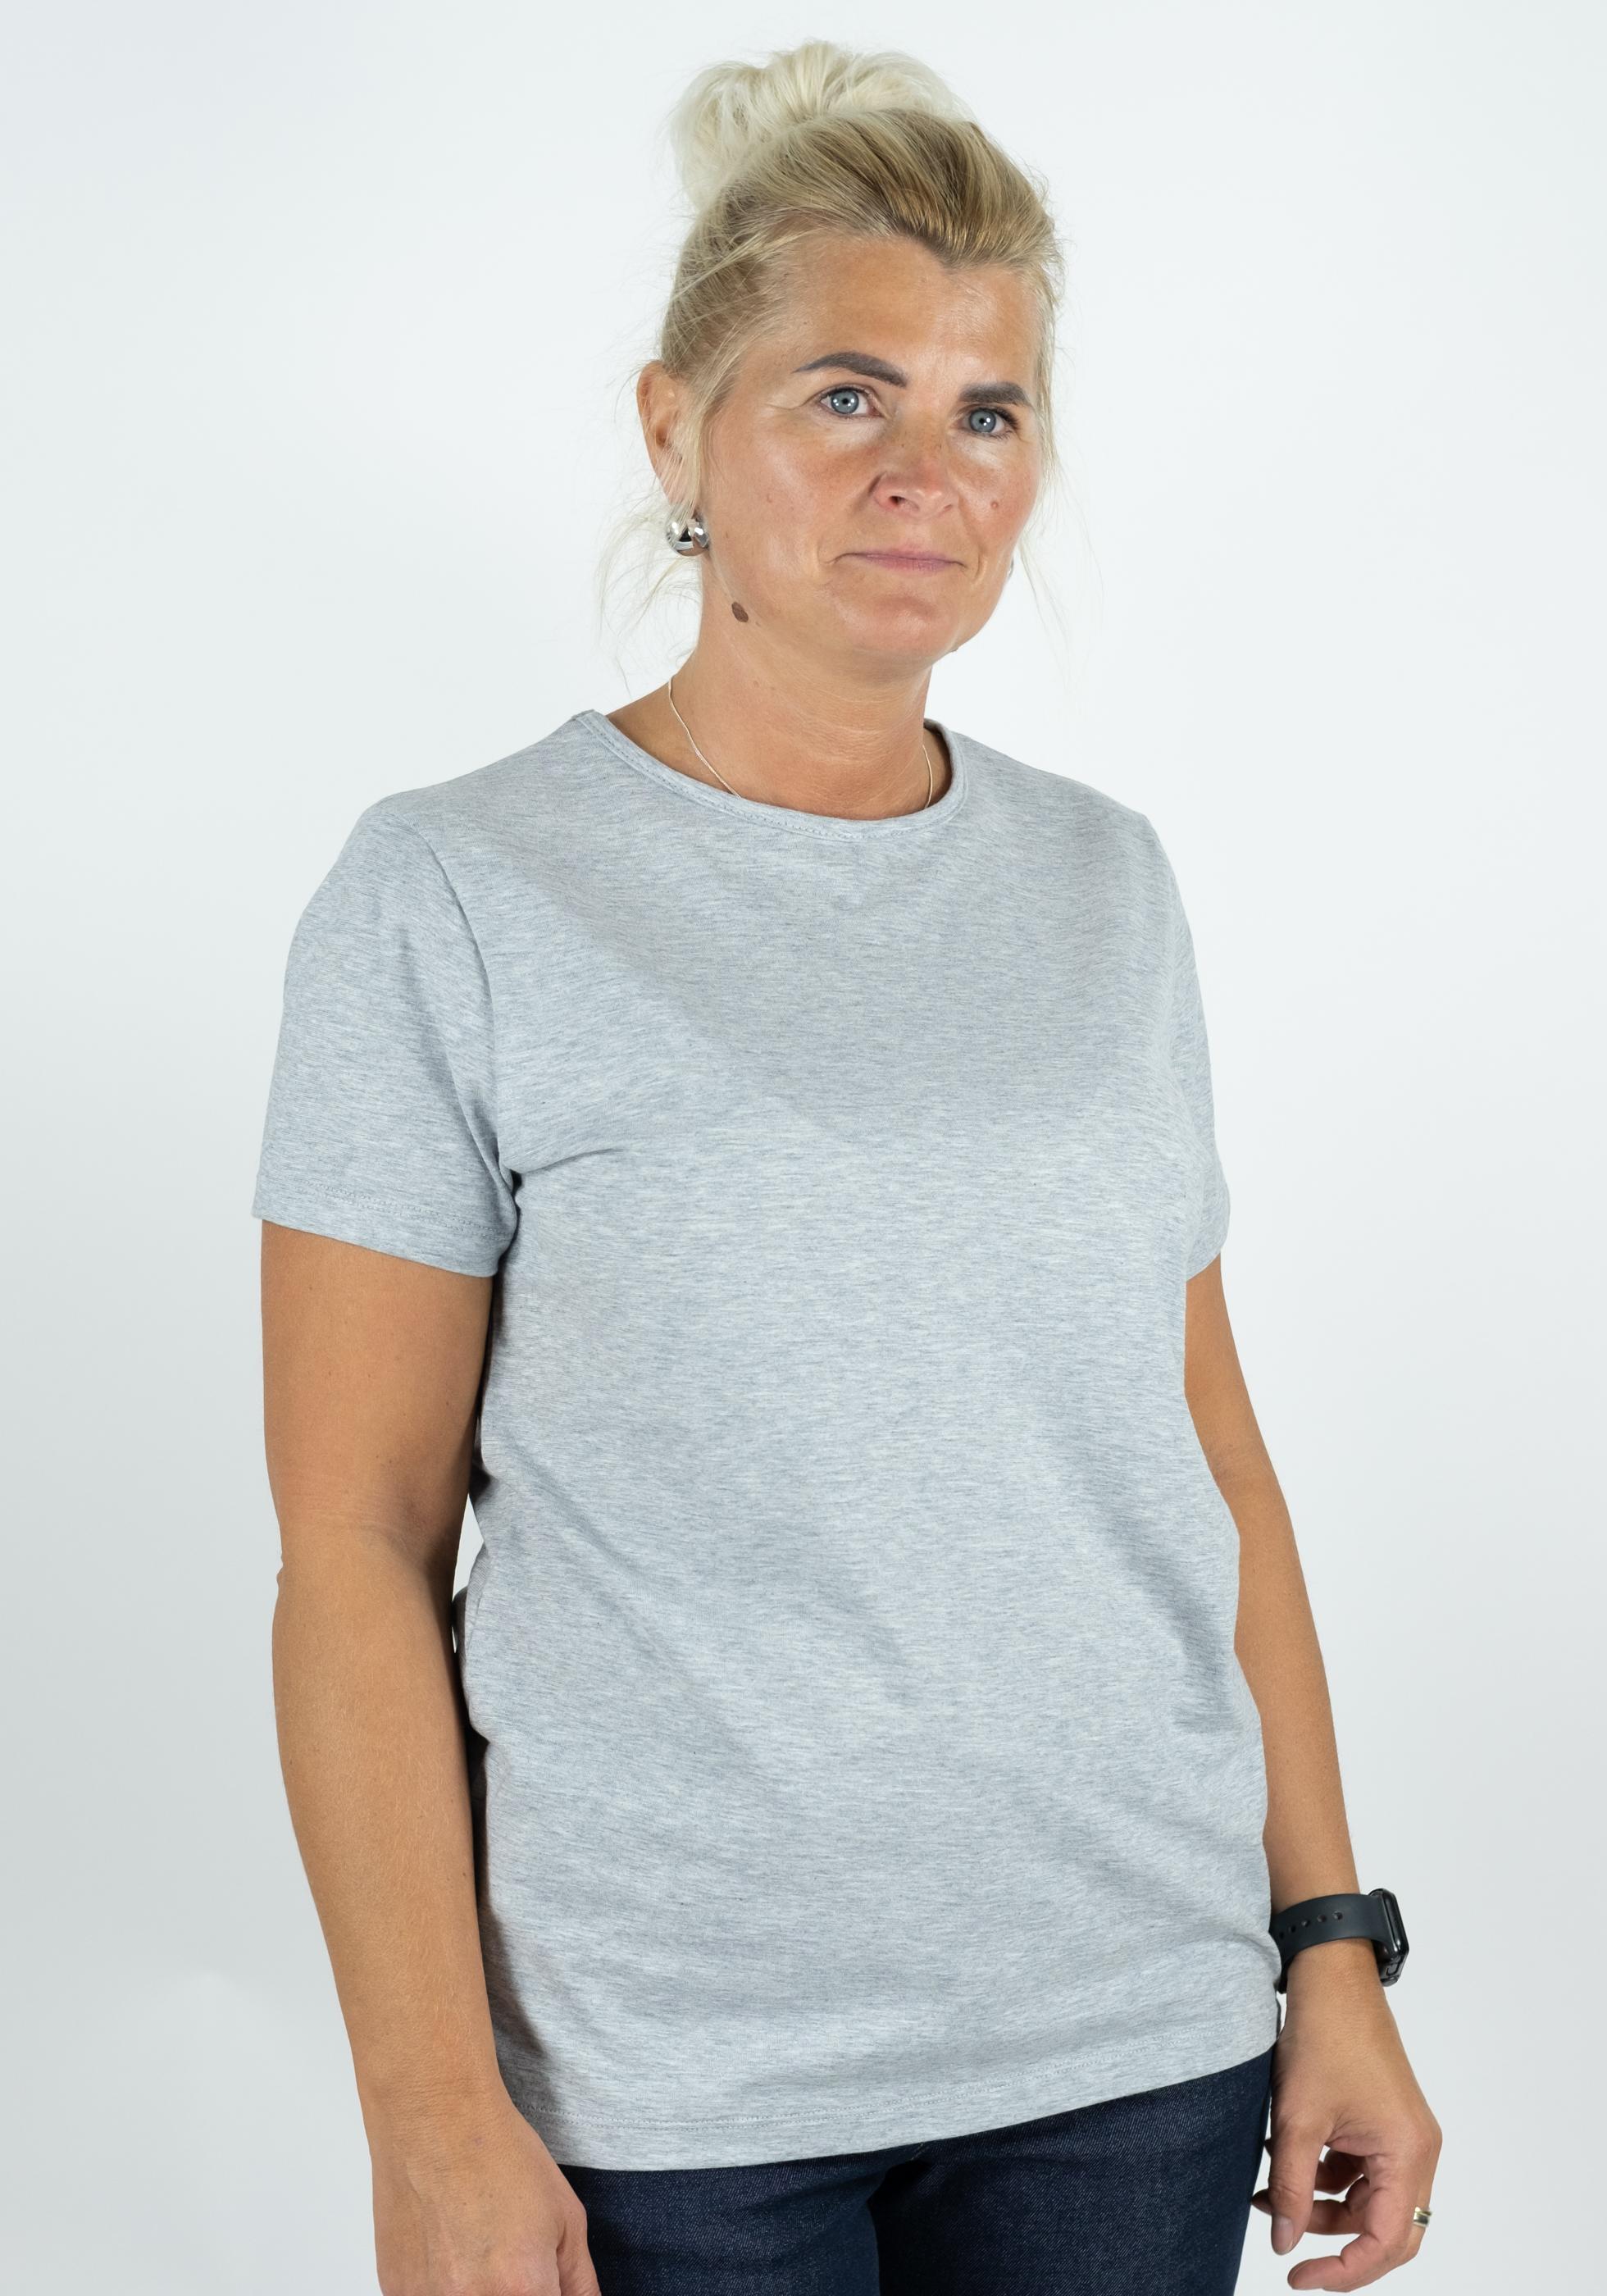 Kurzarm-Shirt Contoured fit Katharina